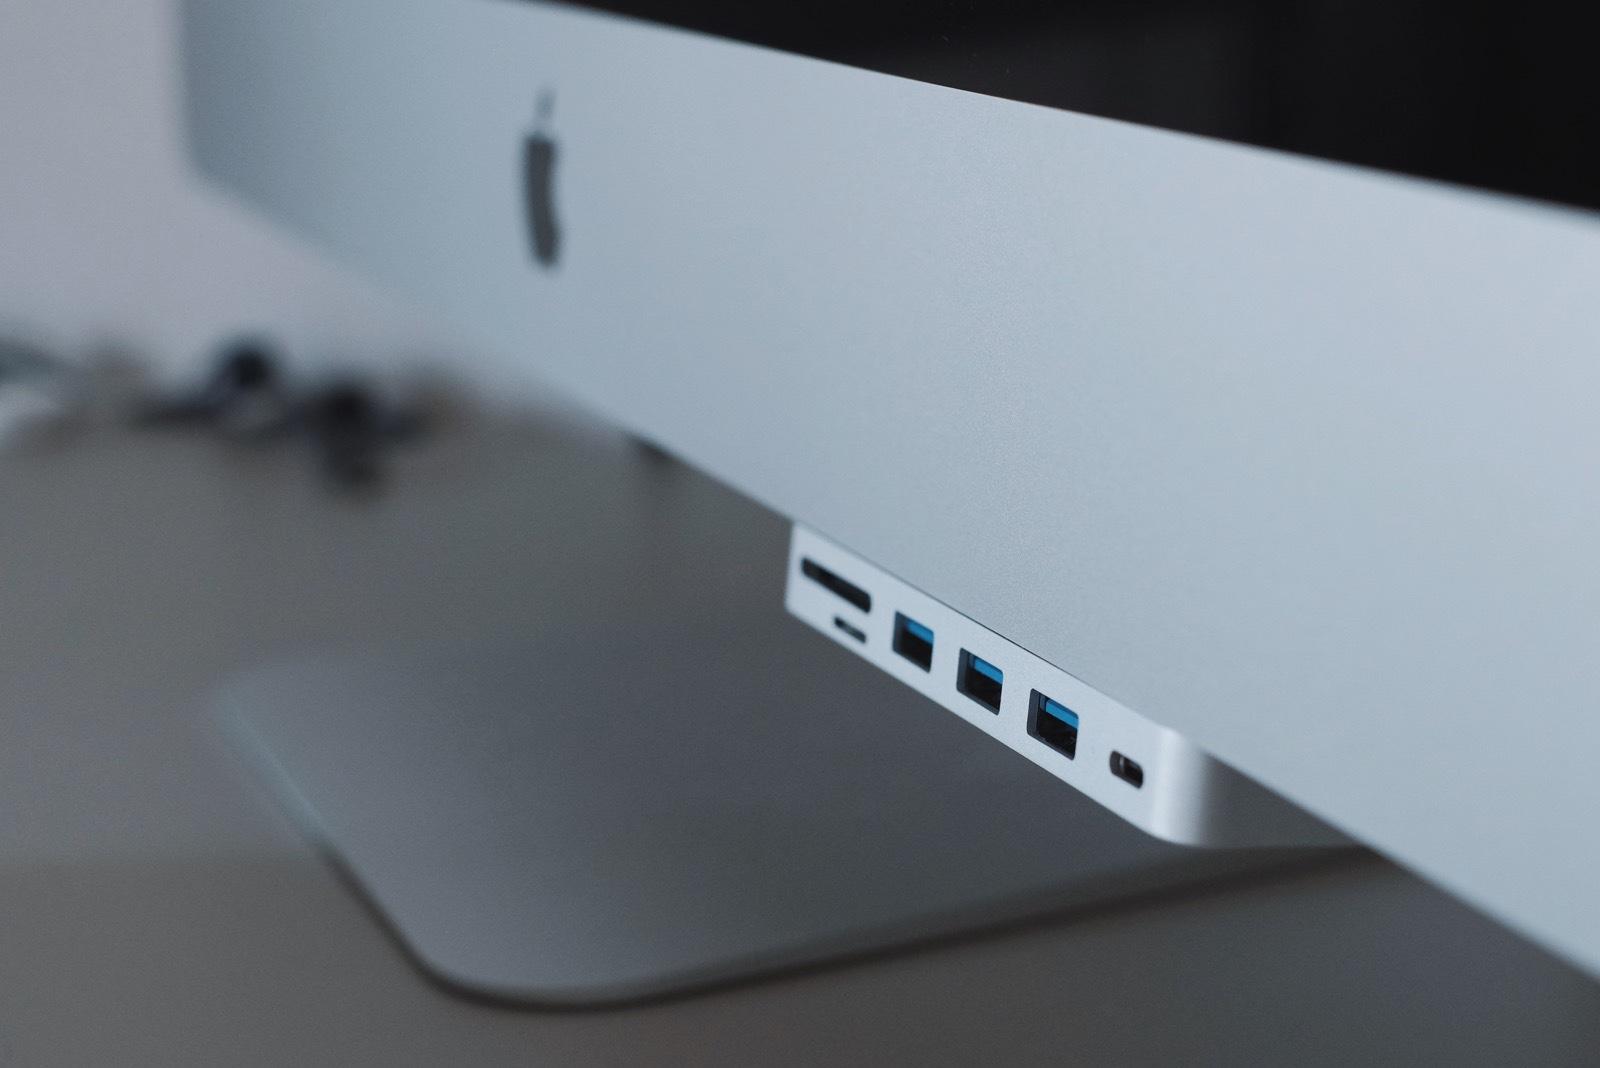 SatechiのiMac用USB-Cハブ買いました。背徳感がすごい。